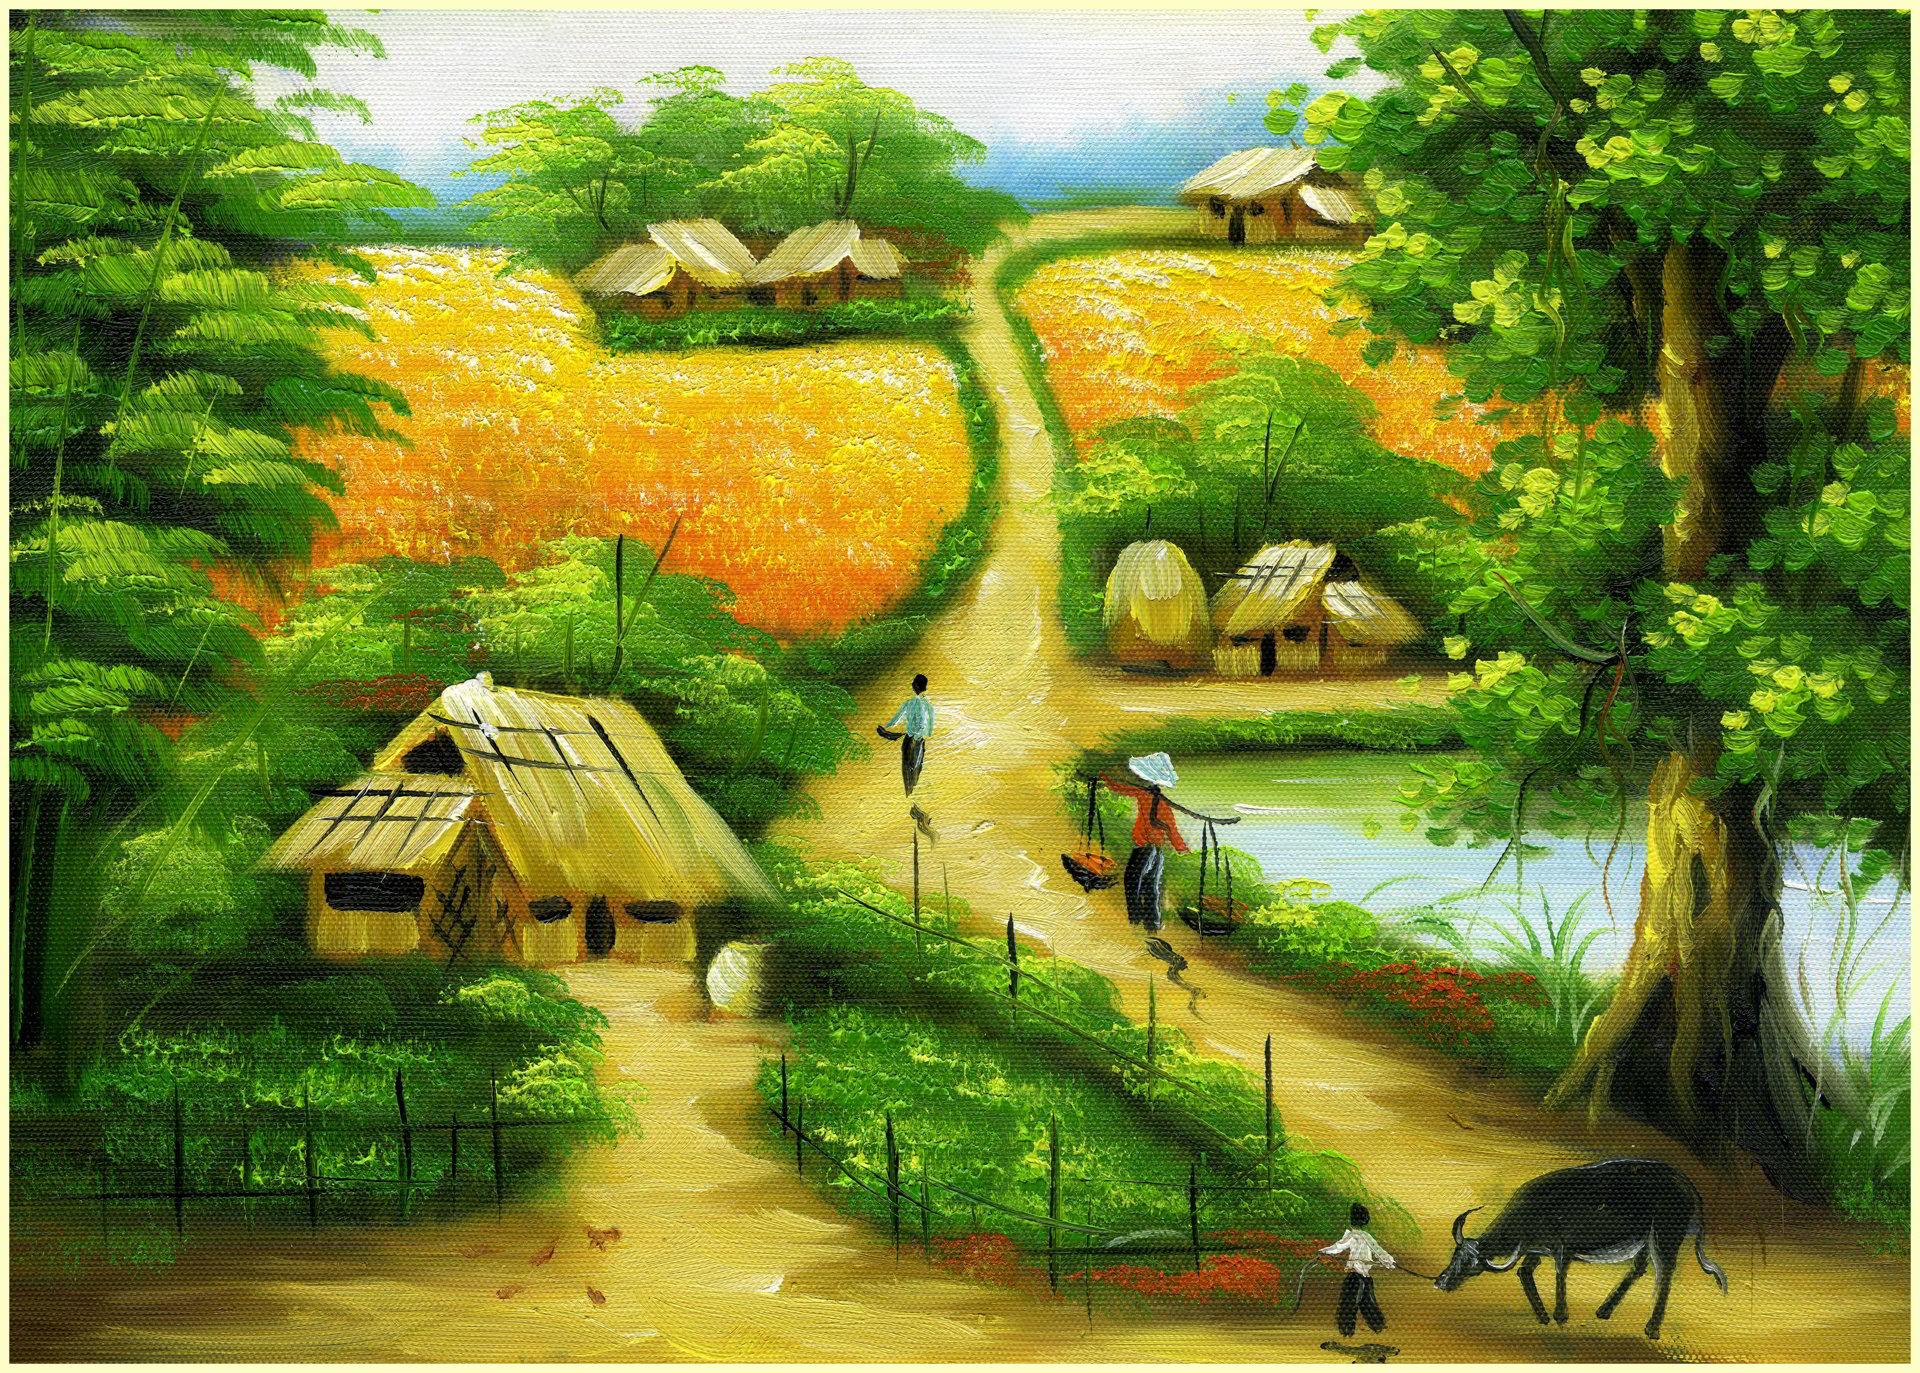 hình ảnh quê hương Việt Nam